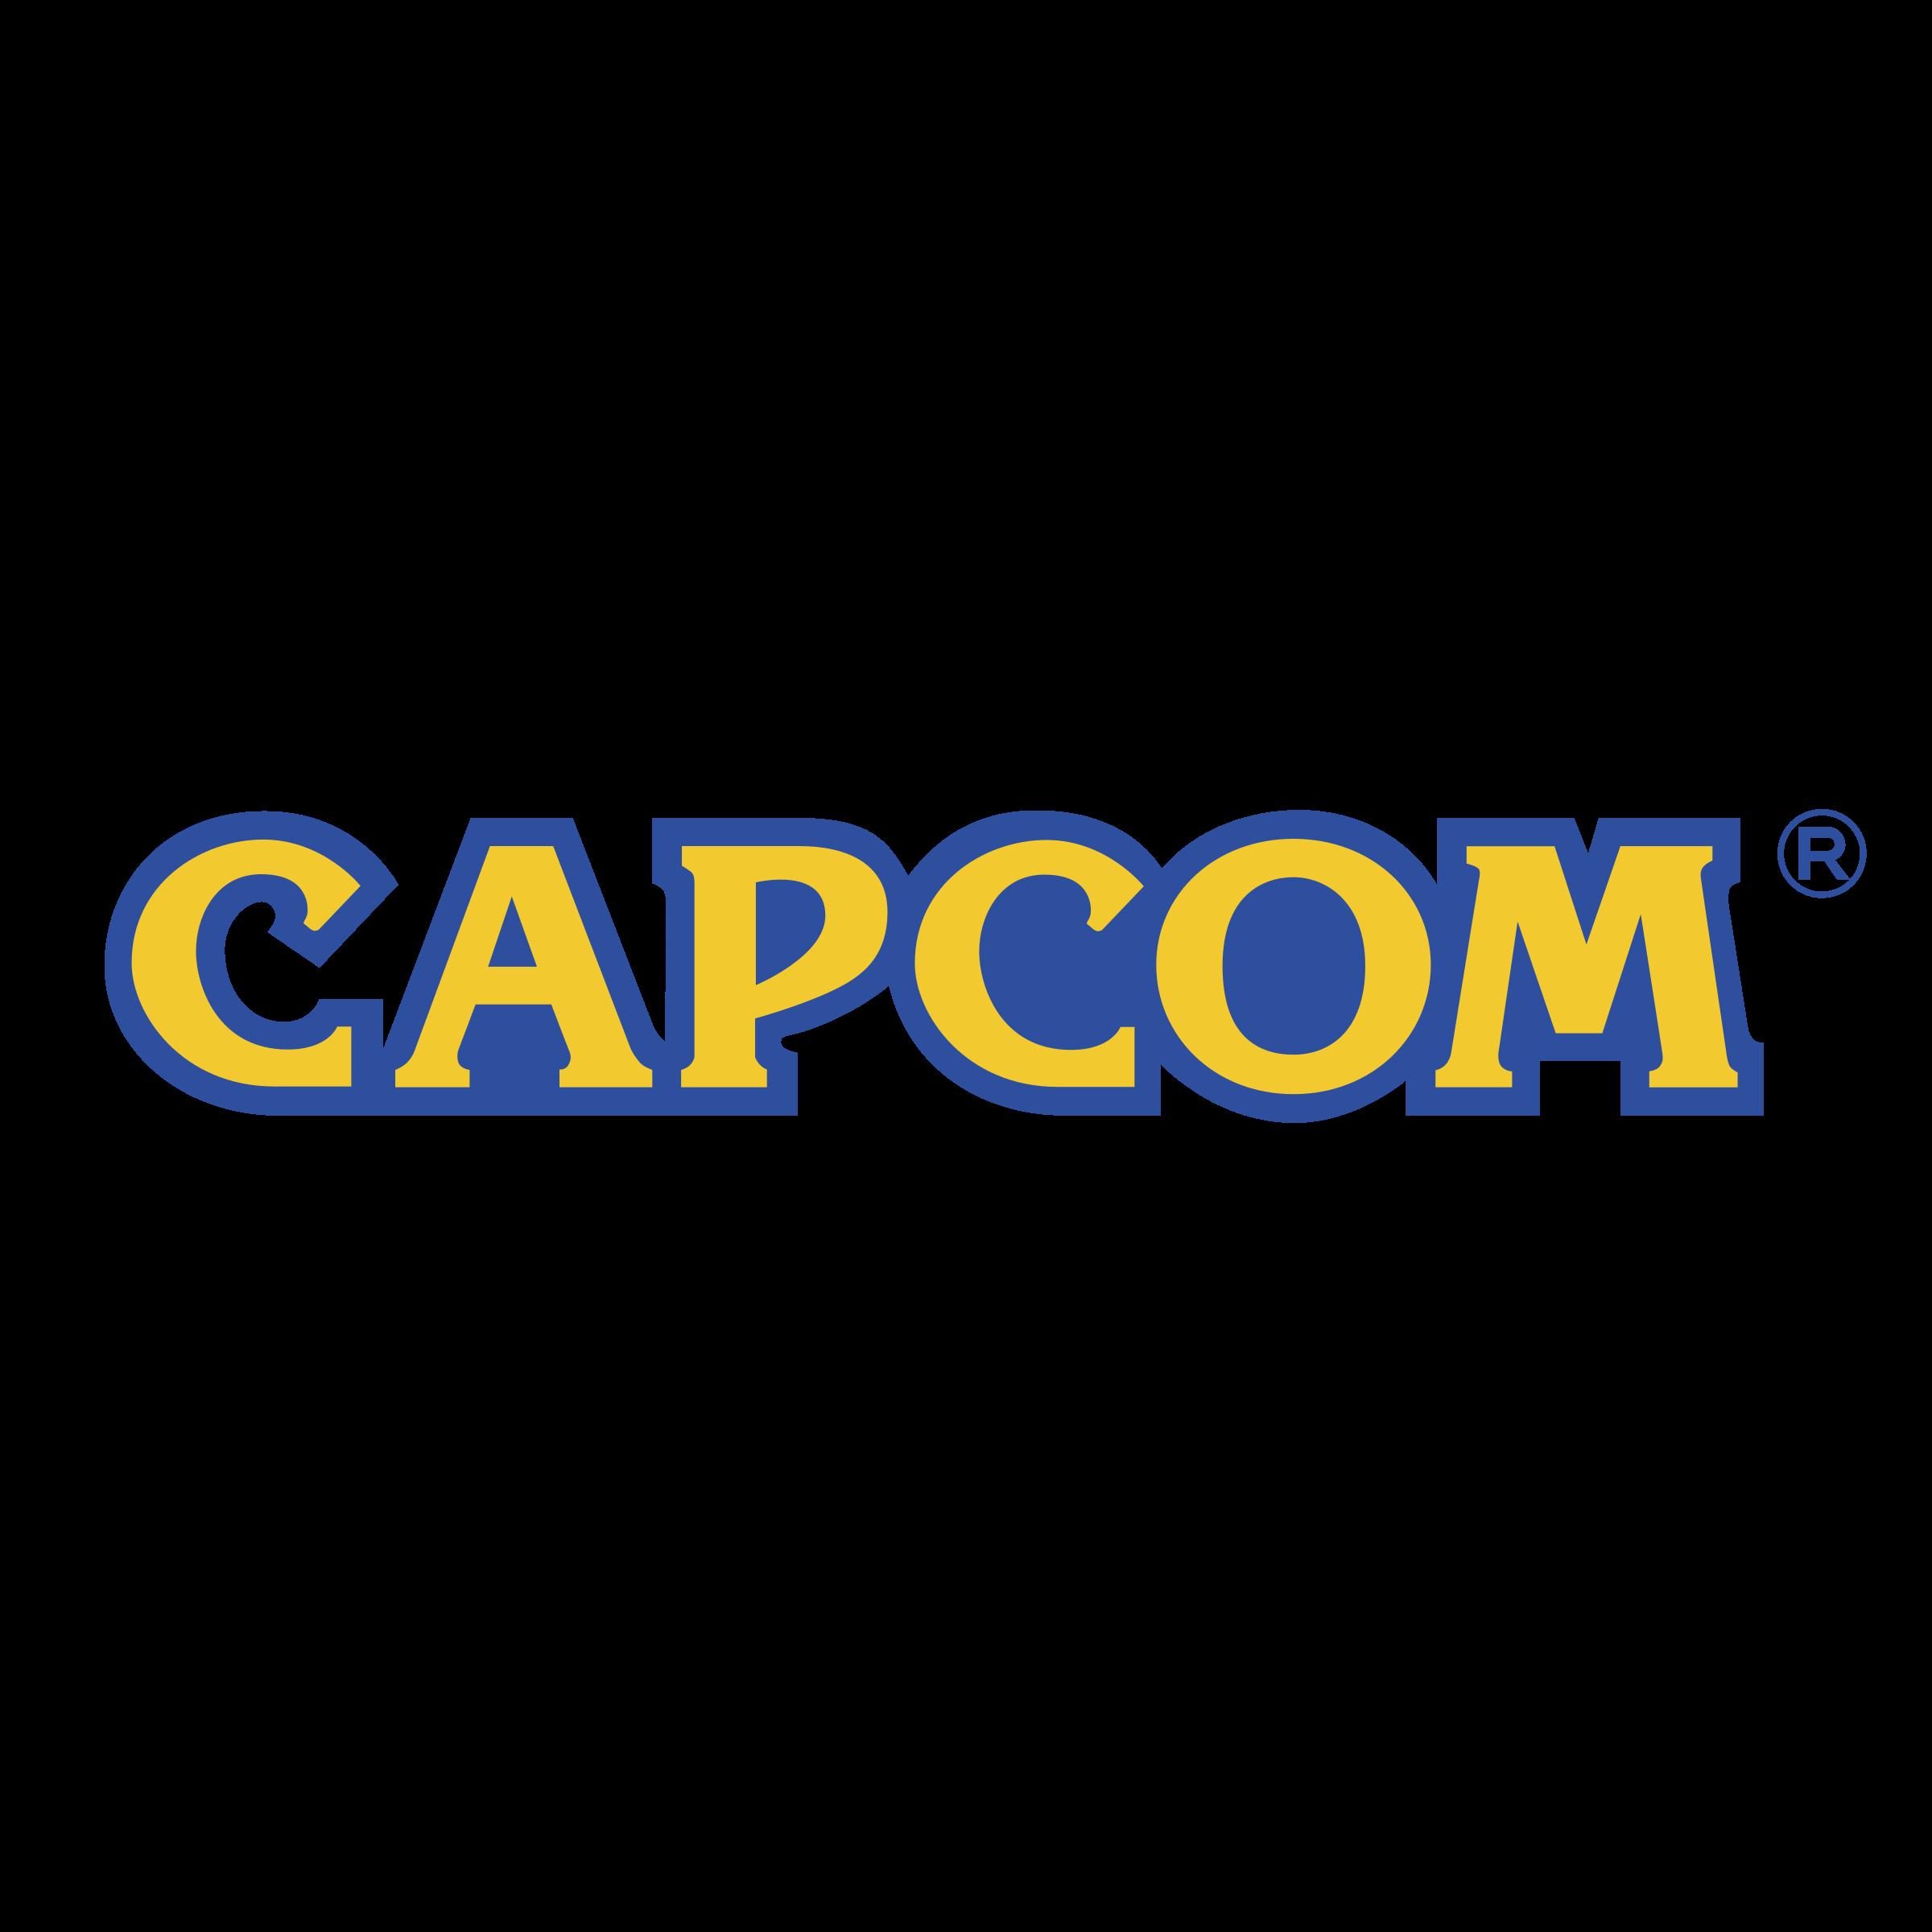 capcom-logo-png-transparent.png